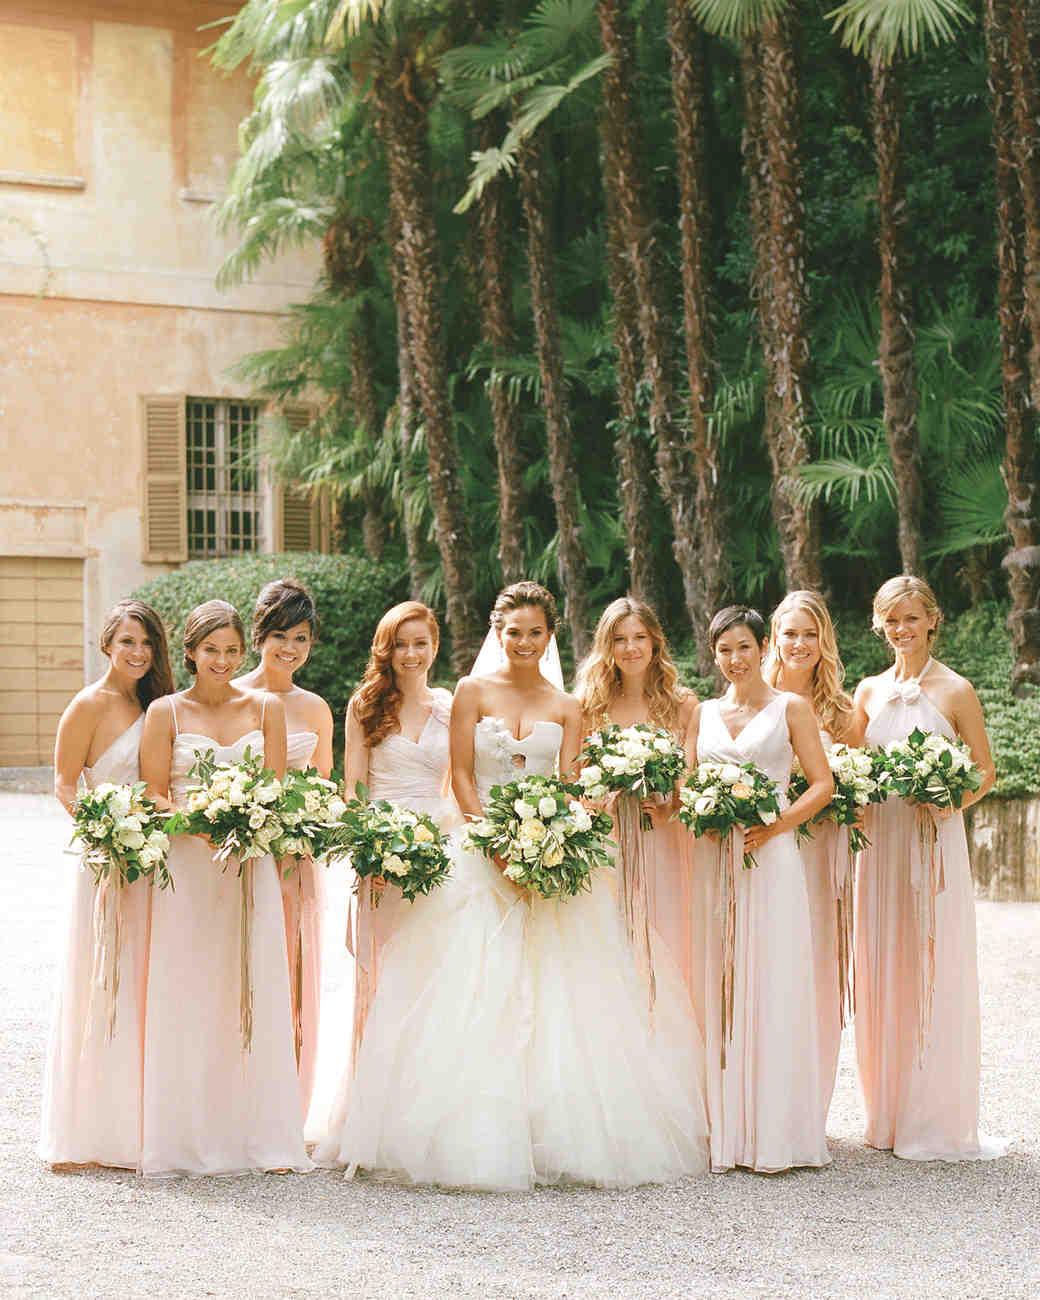 chrissy teigen john legend wedding bridesmaids